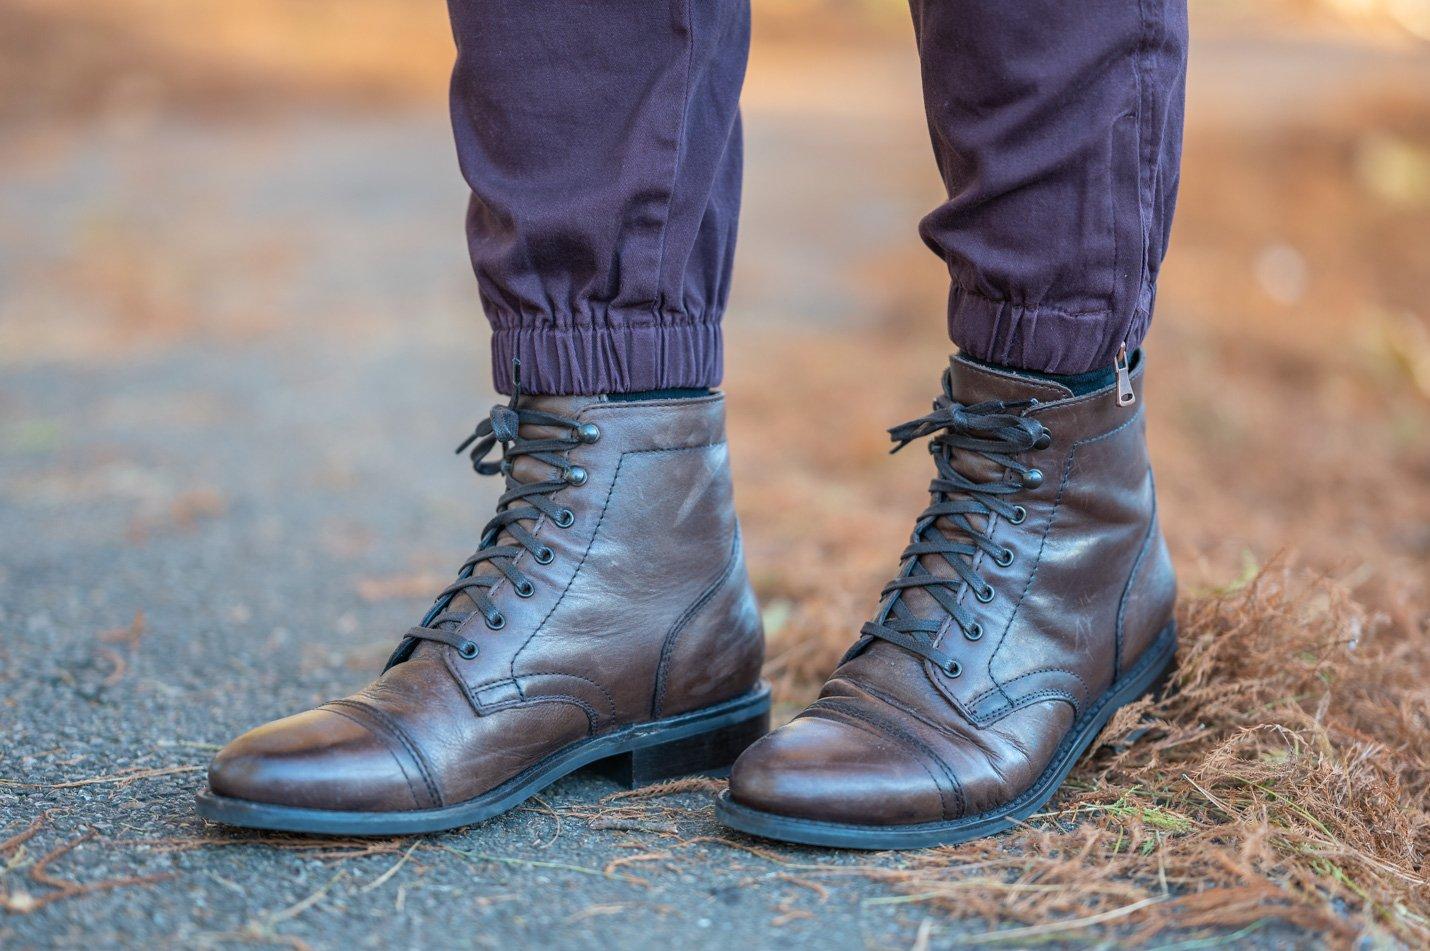 Thursday Boots Captain Boots